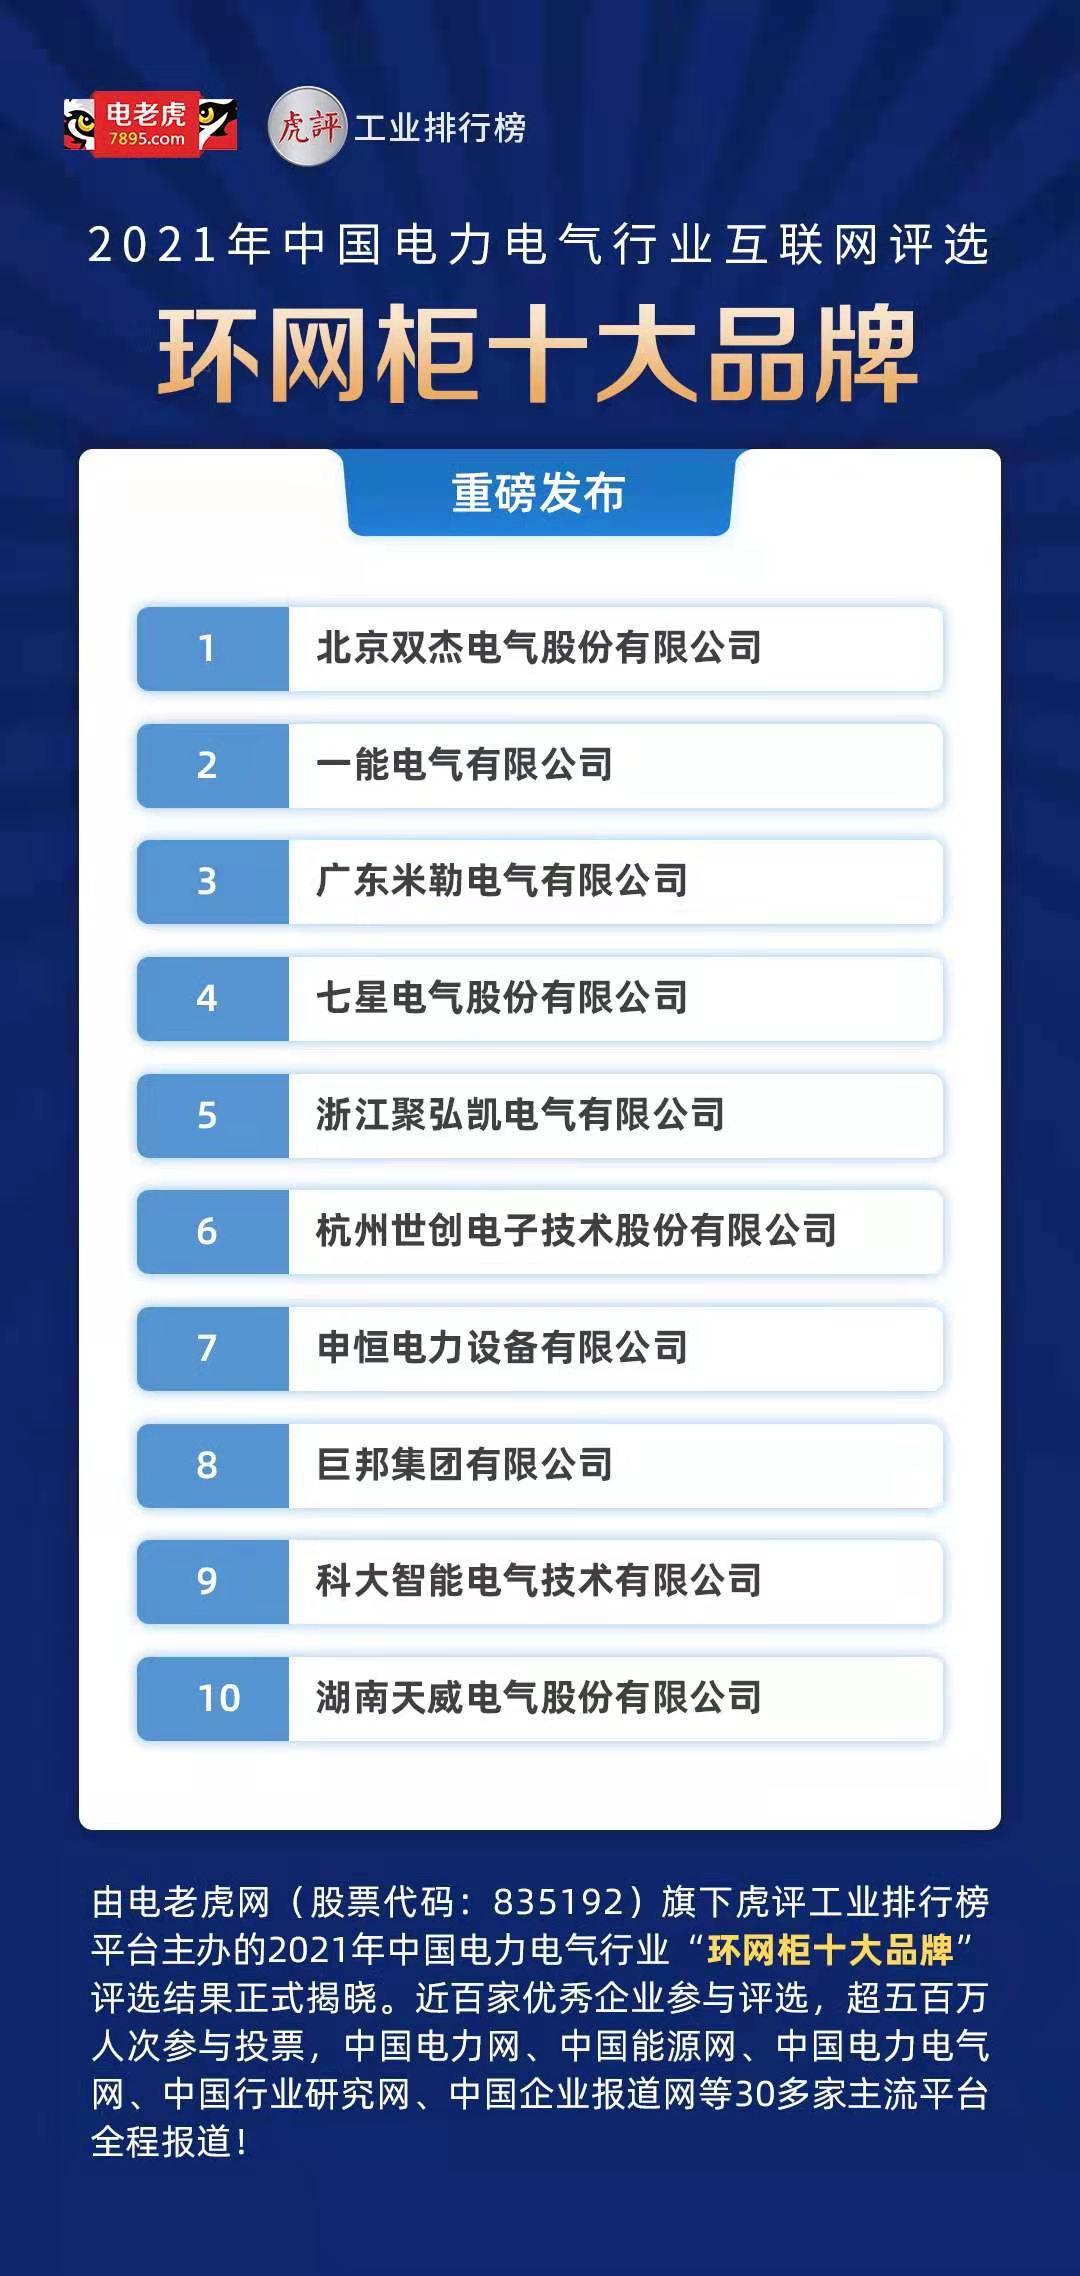 2021年中國電力電氣行業互聯網評選